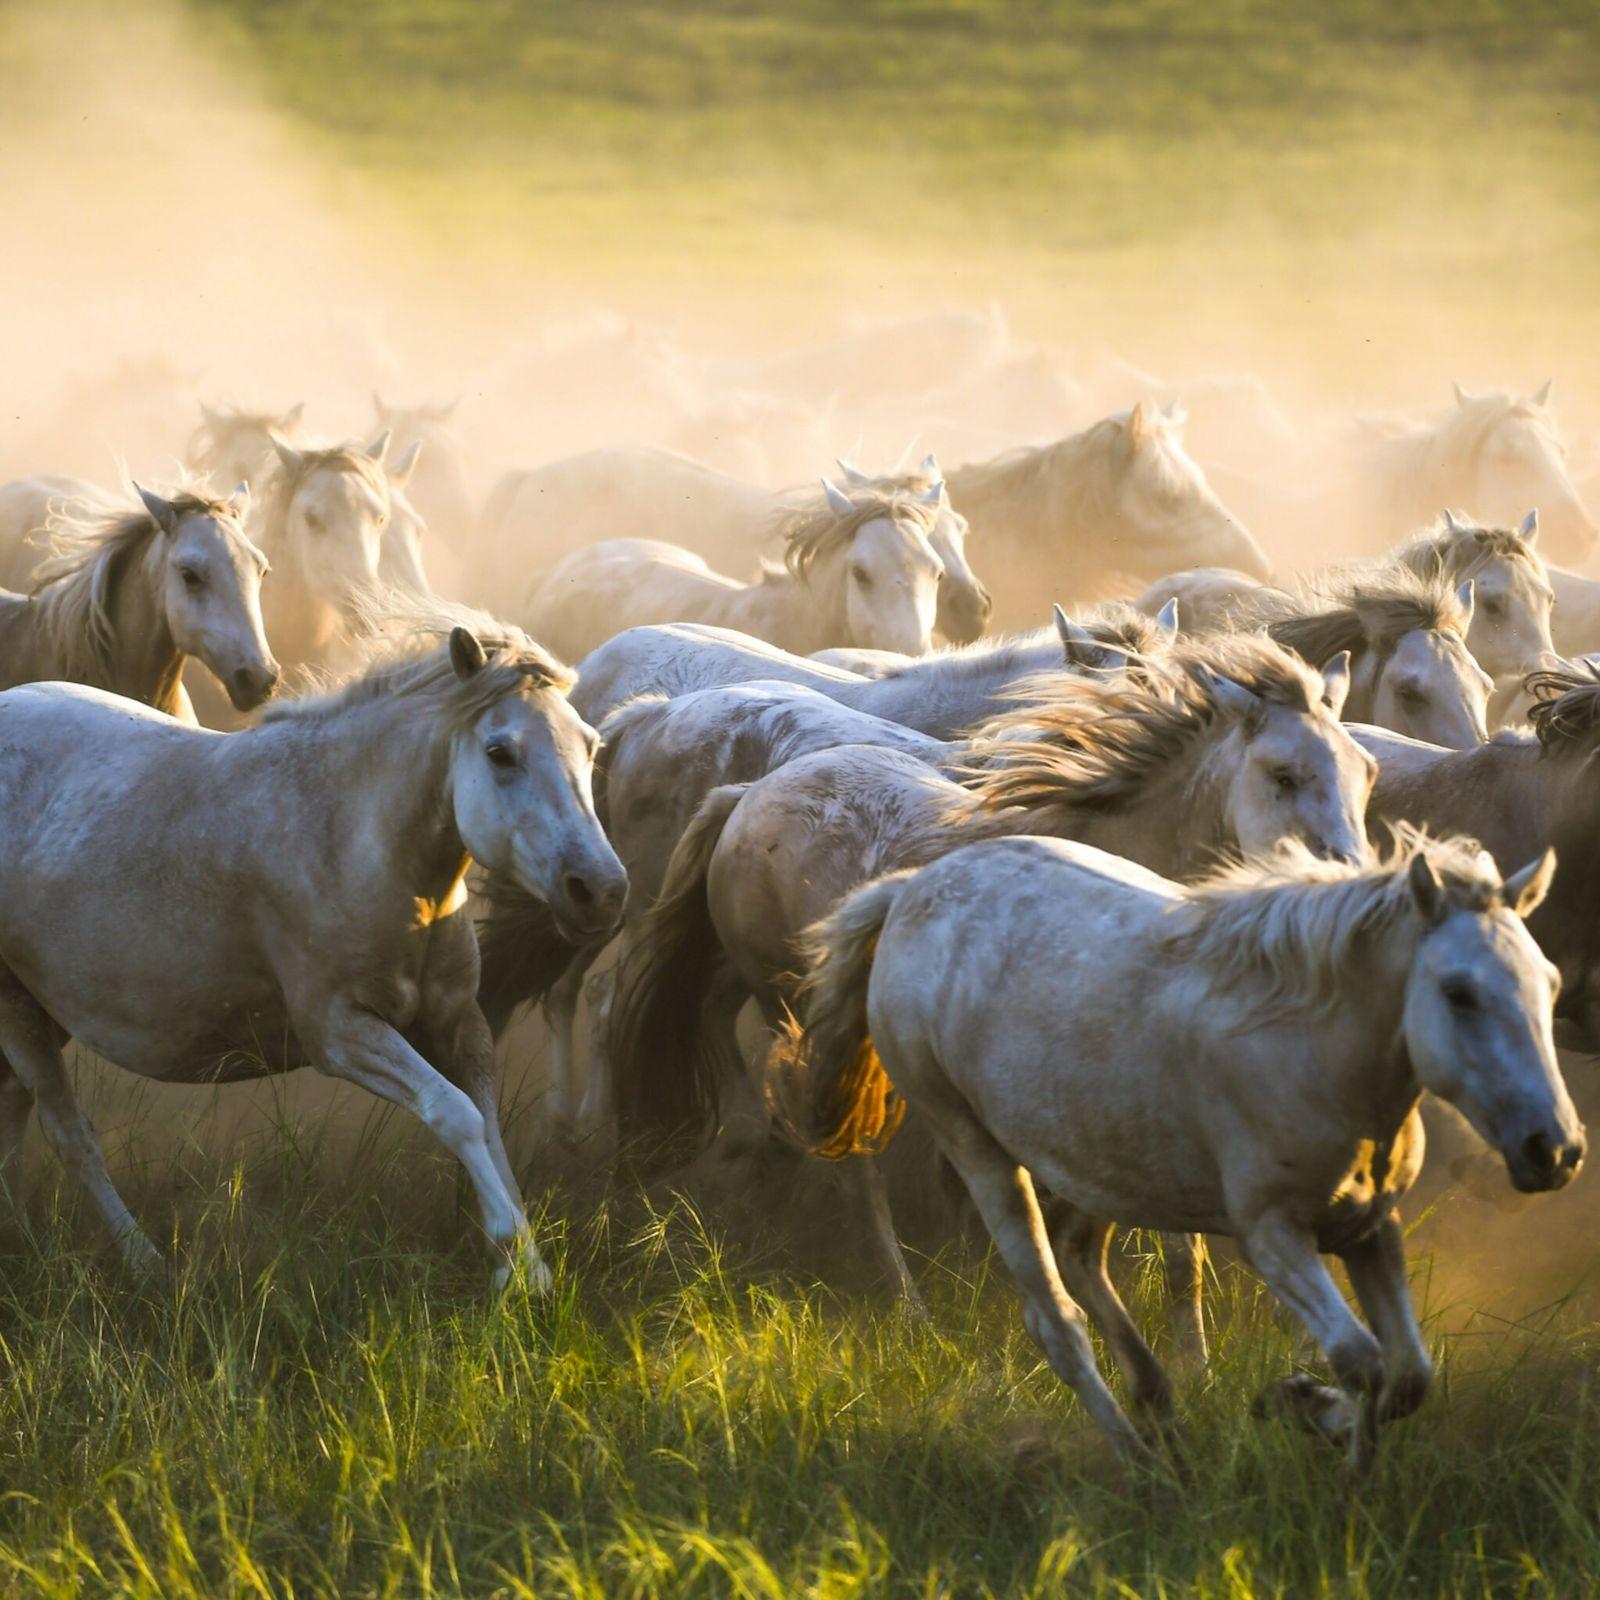 Galoppierende Pferde in einem Zuchtbetrieb im Westlichen Ujimqin-Banner in der Inneren Mongolei.